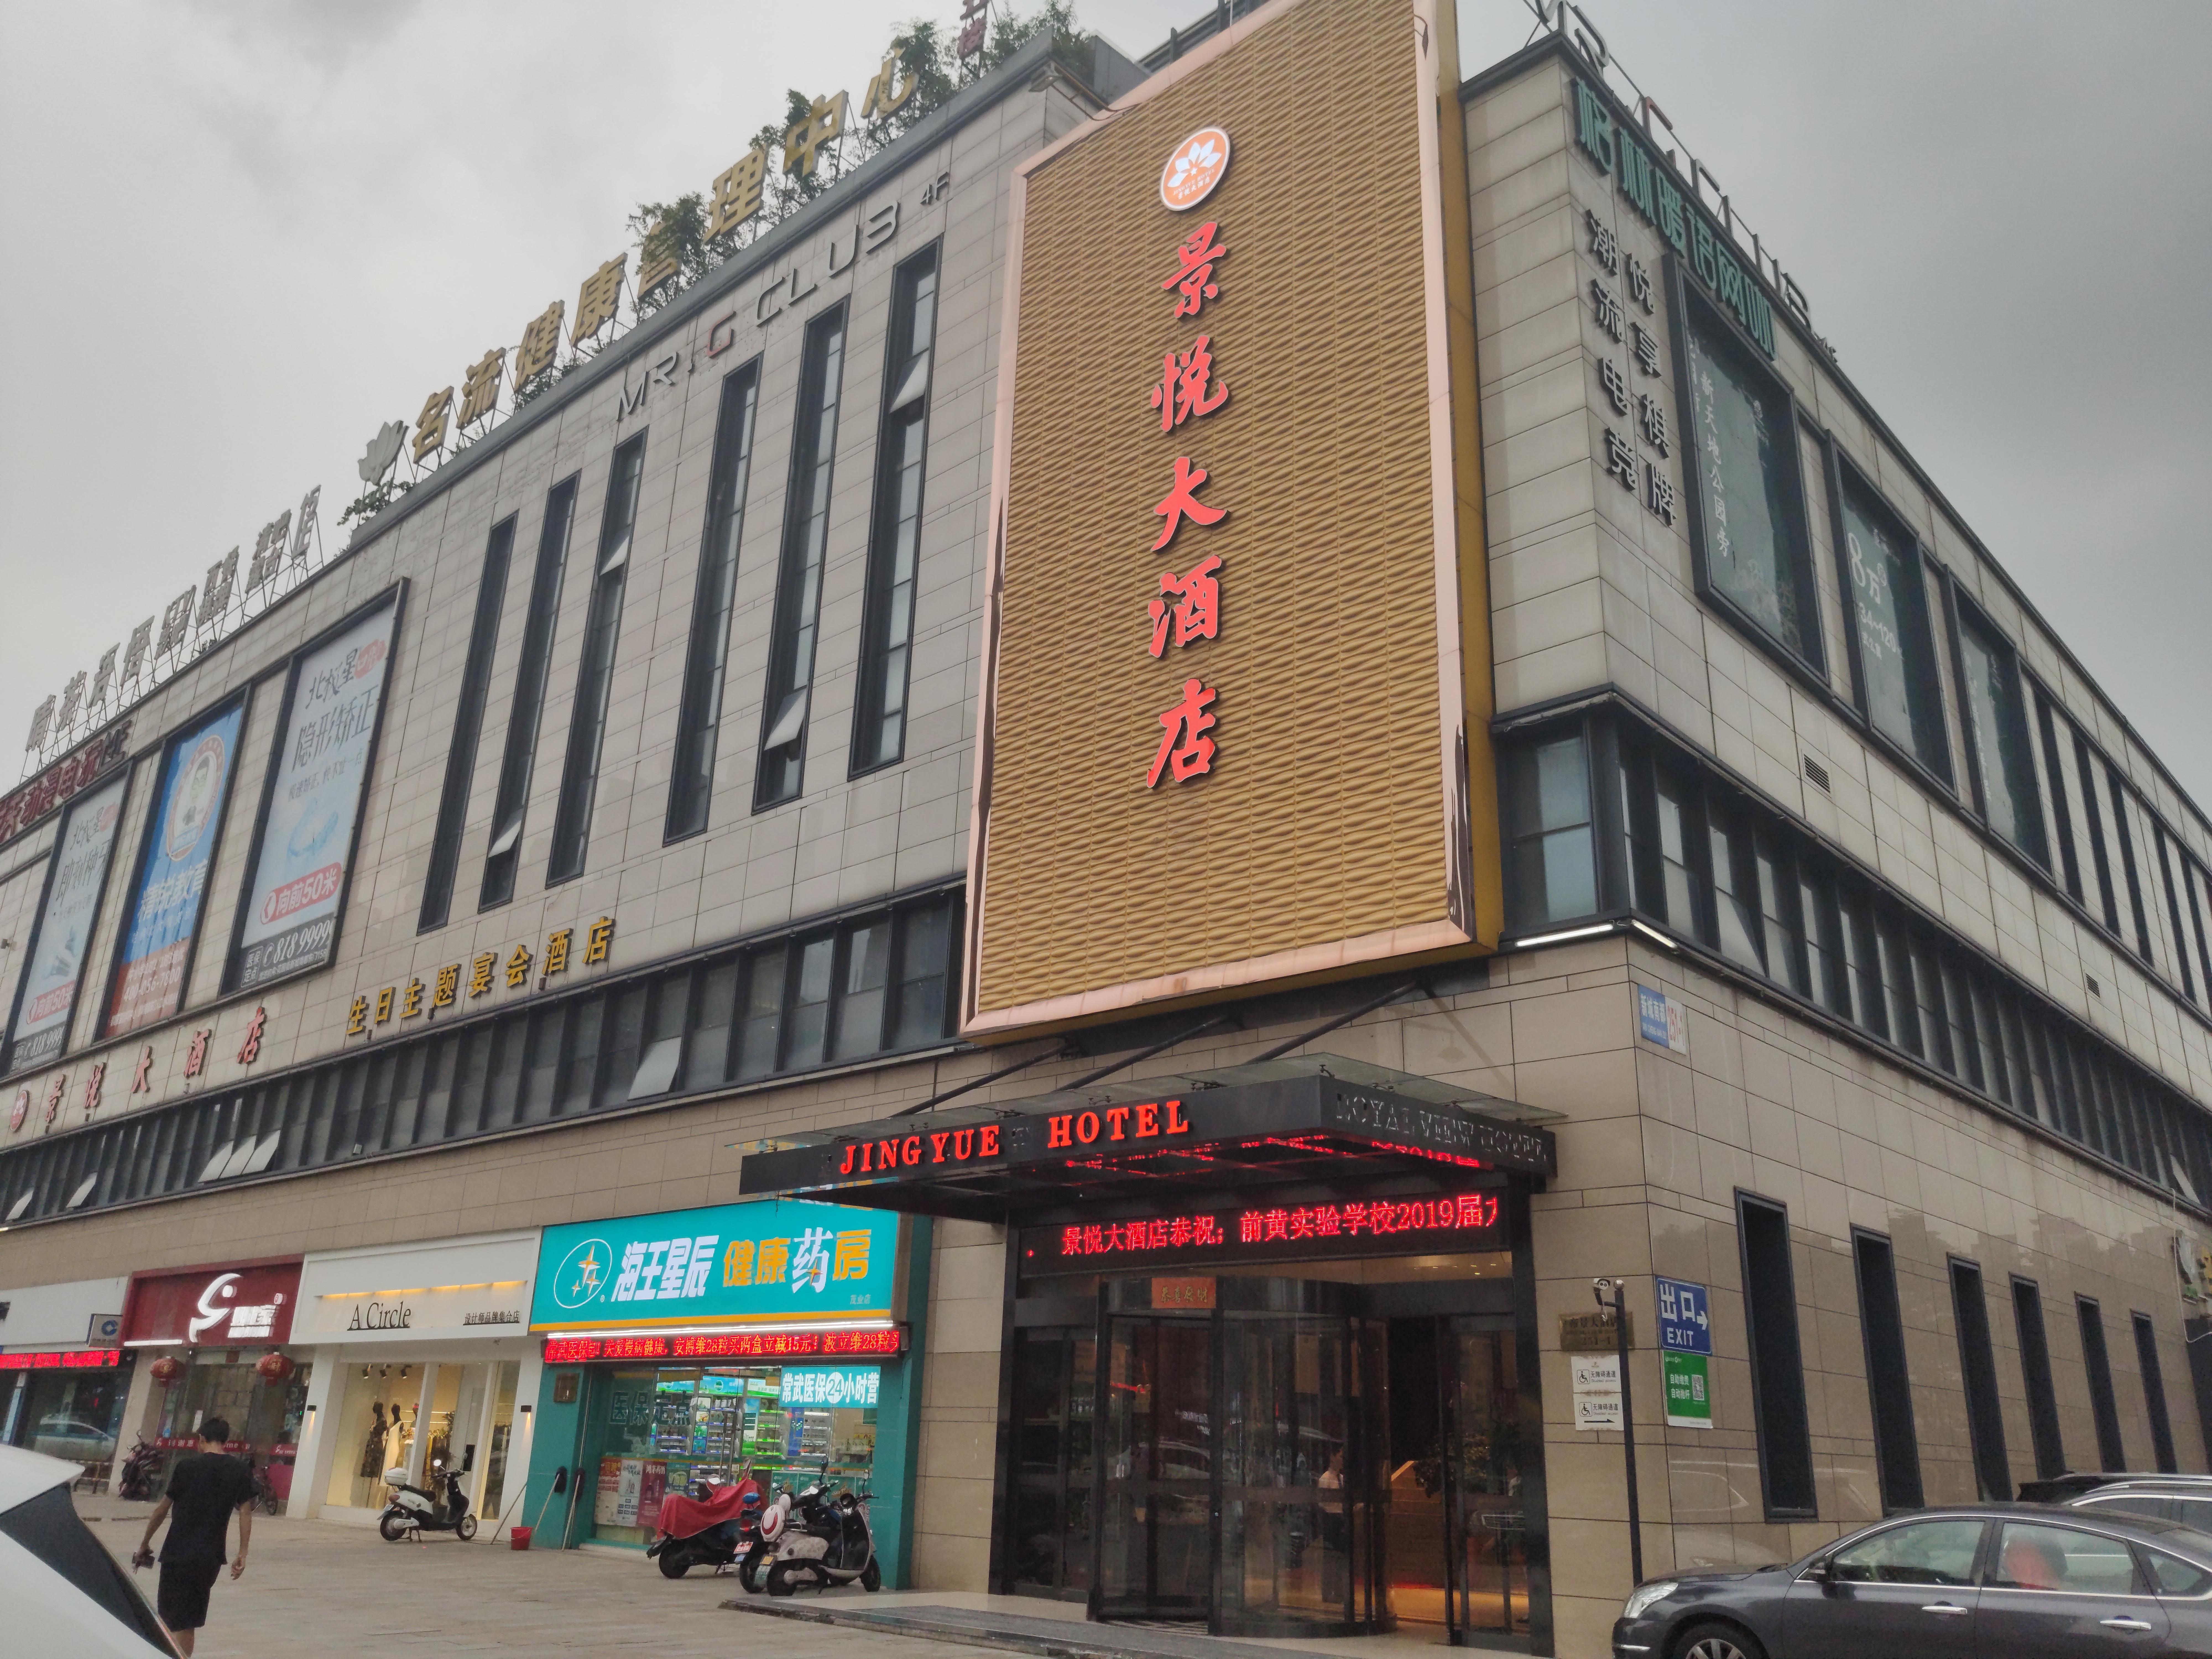 景悦大酒店